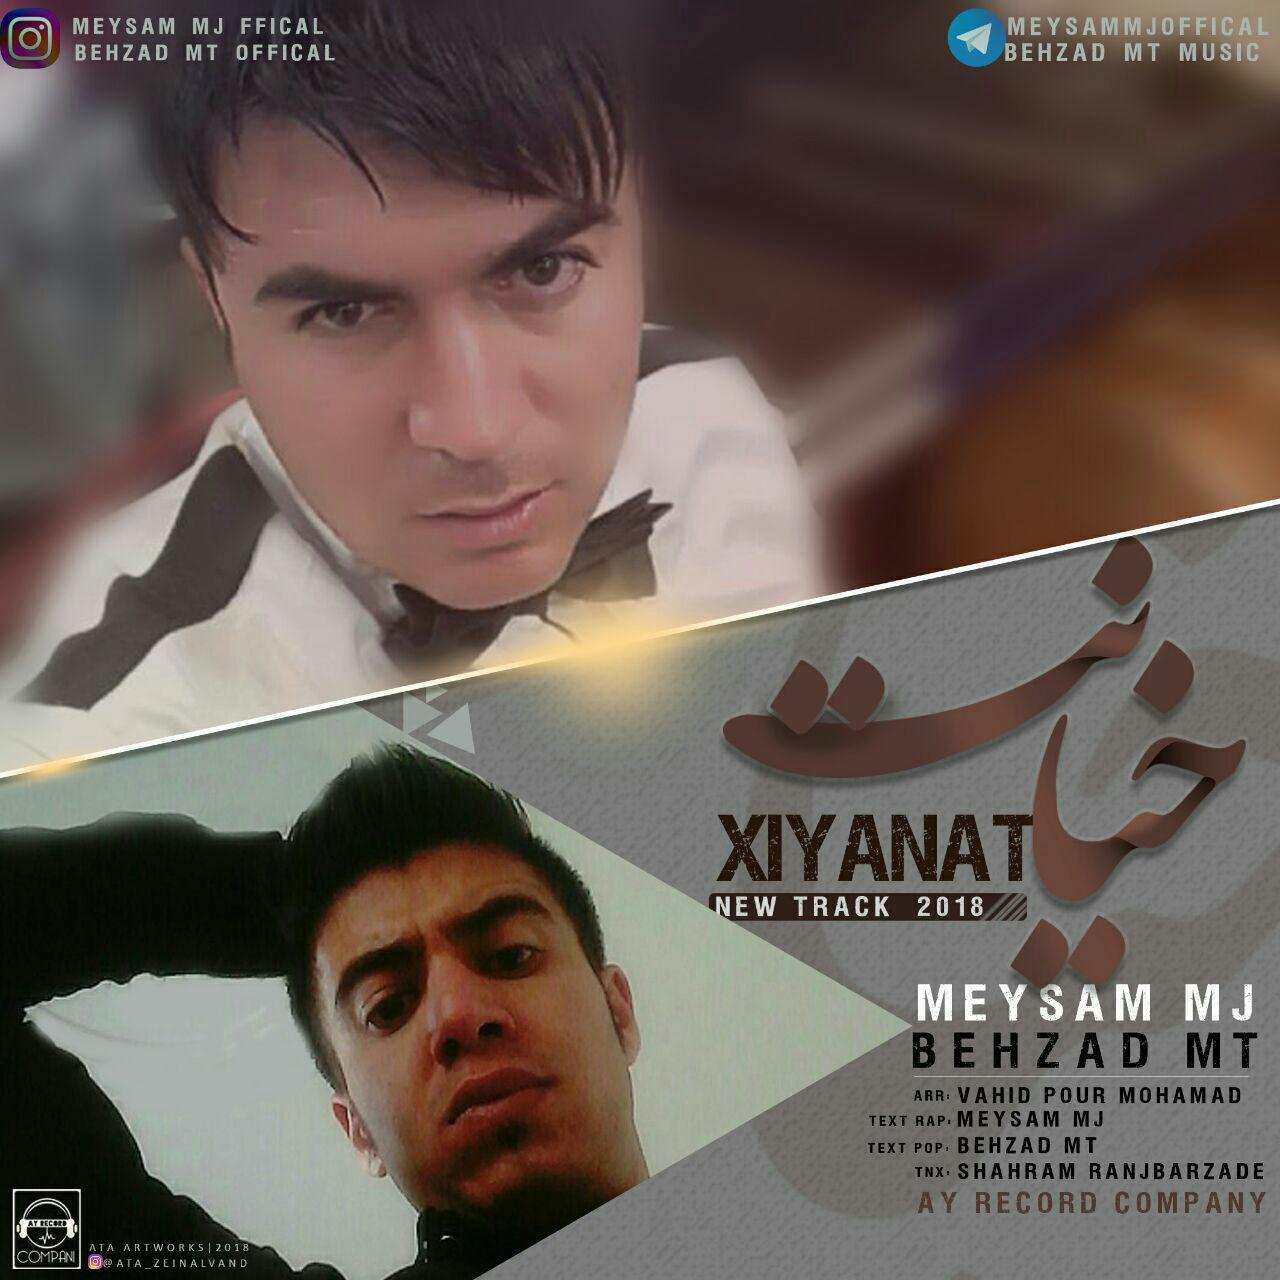 http://s9.picofile.com/file/8327349342/25Meysam_M_J_Behzad_M_T_Xiyanat.jpg